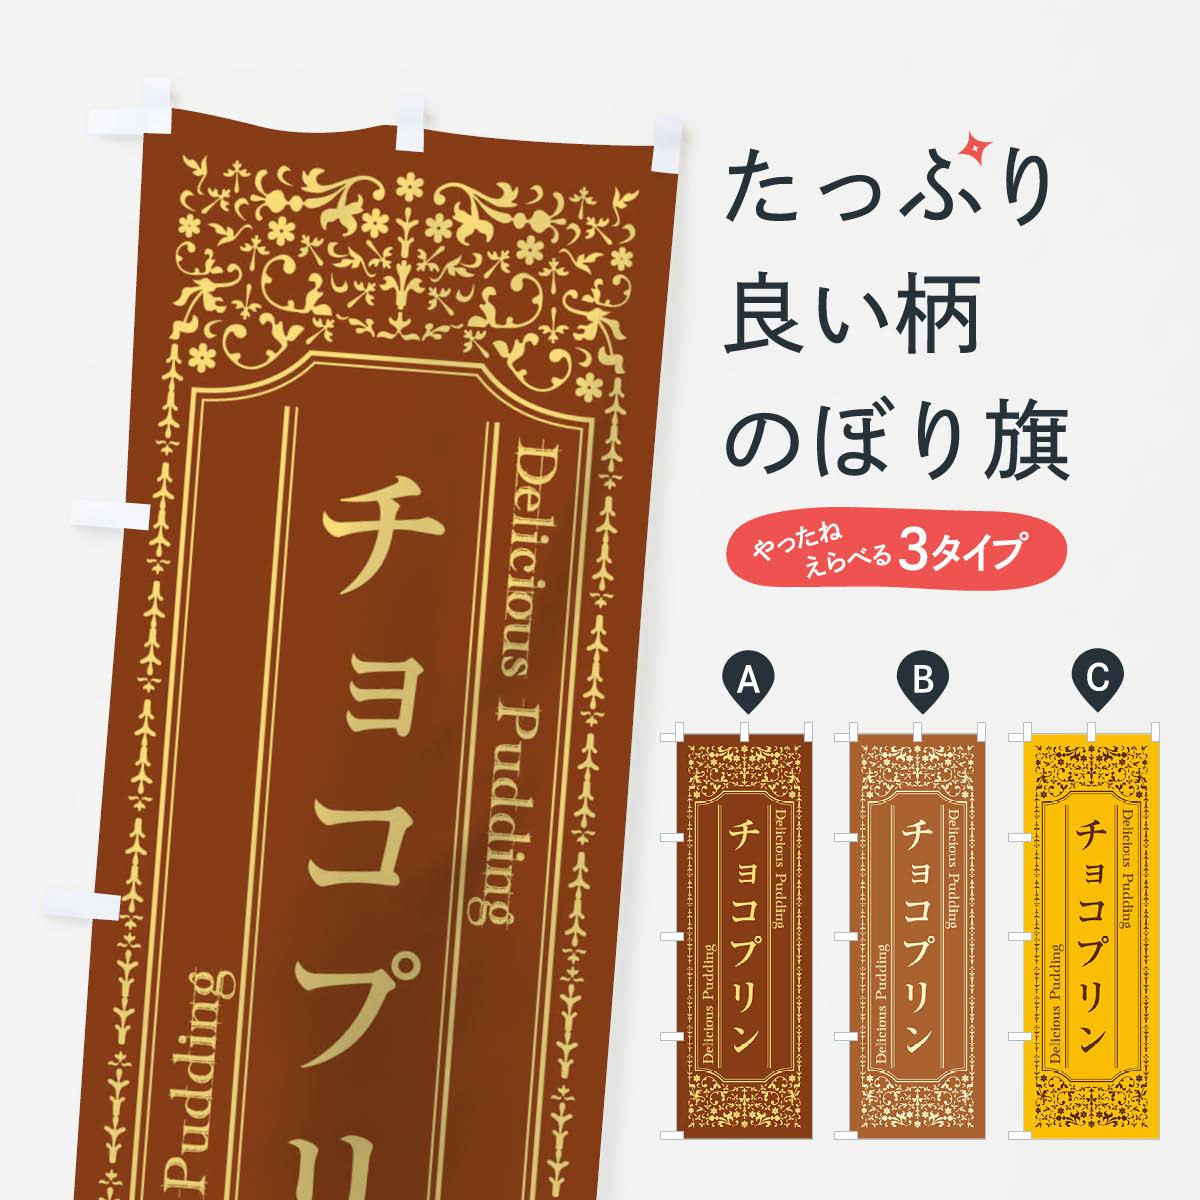 【3980送料無料】 のぼり旗 チョコプリンのぼり